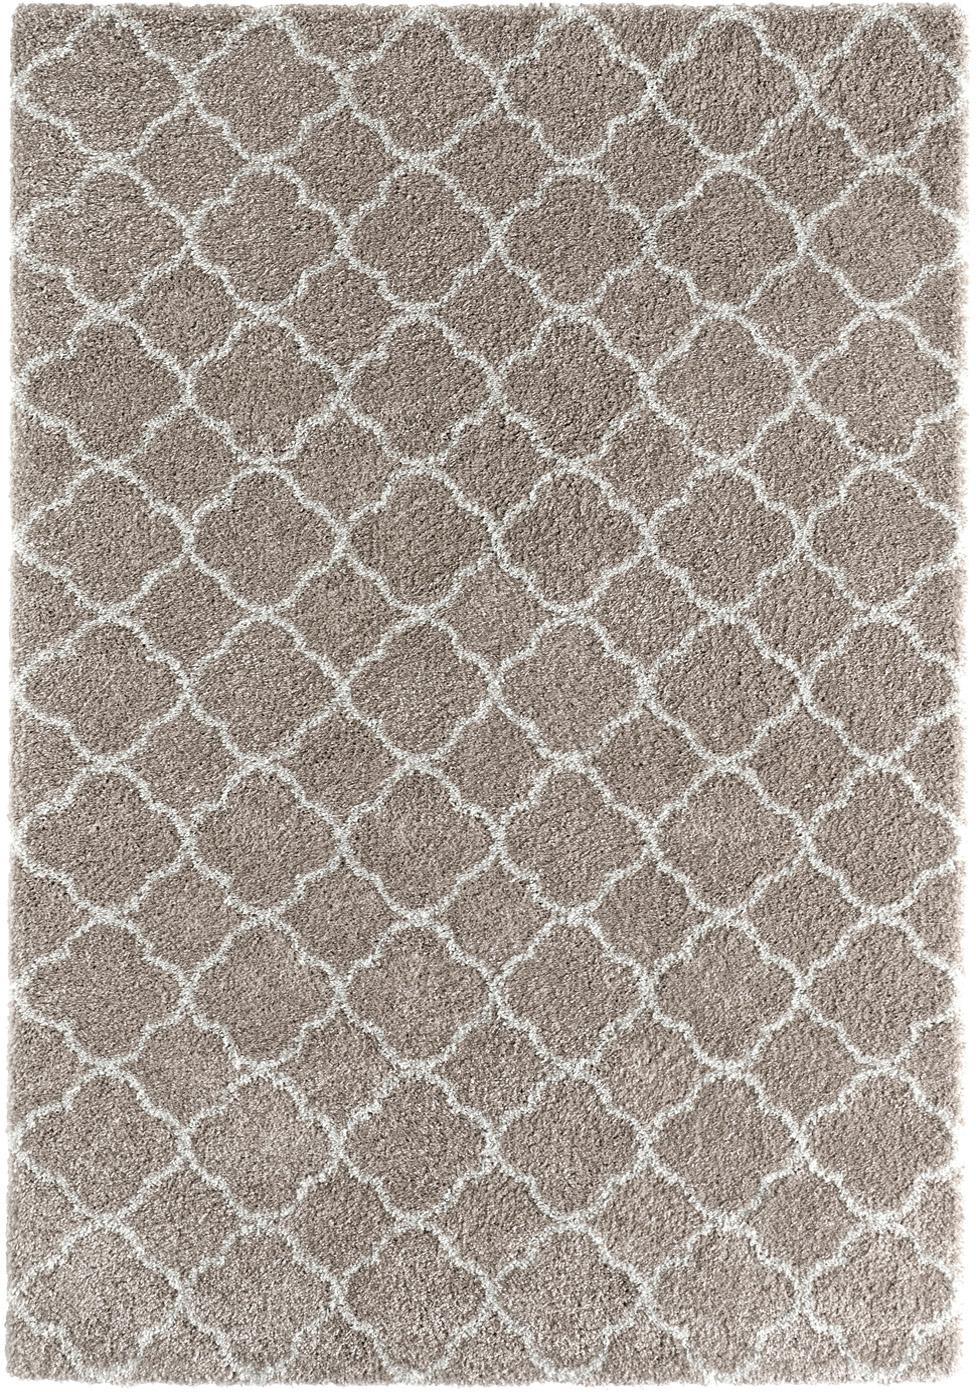 Hochflor-Teppich Grace in Creme/Beige, Beige, Cremefarben, B 120 x L 170 cm (Größe S)